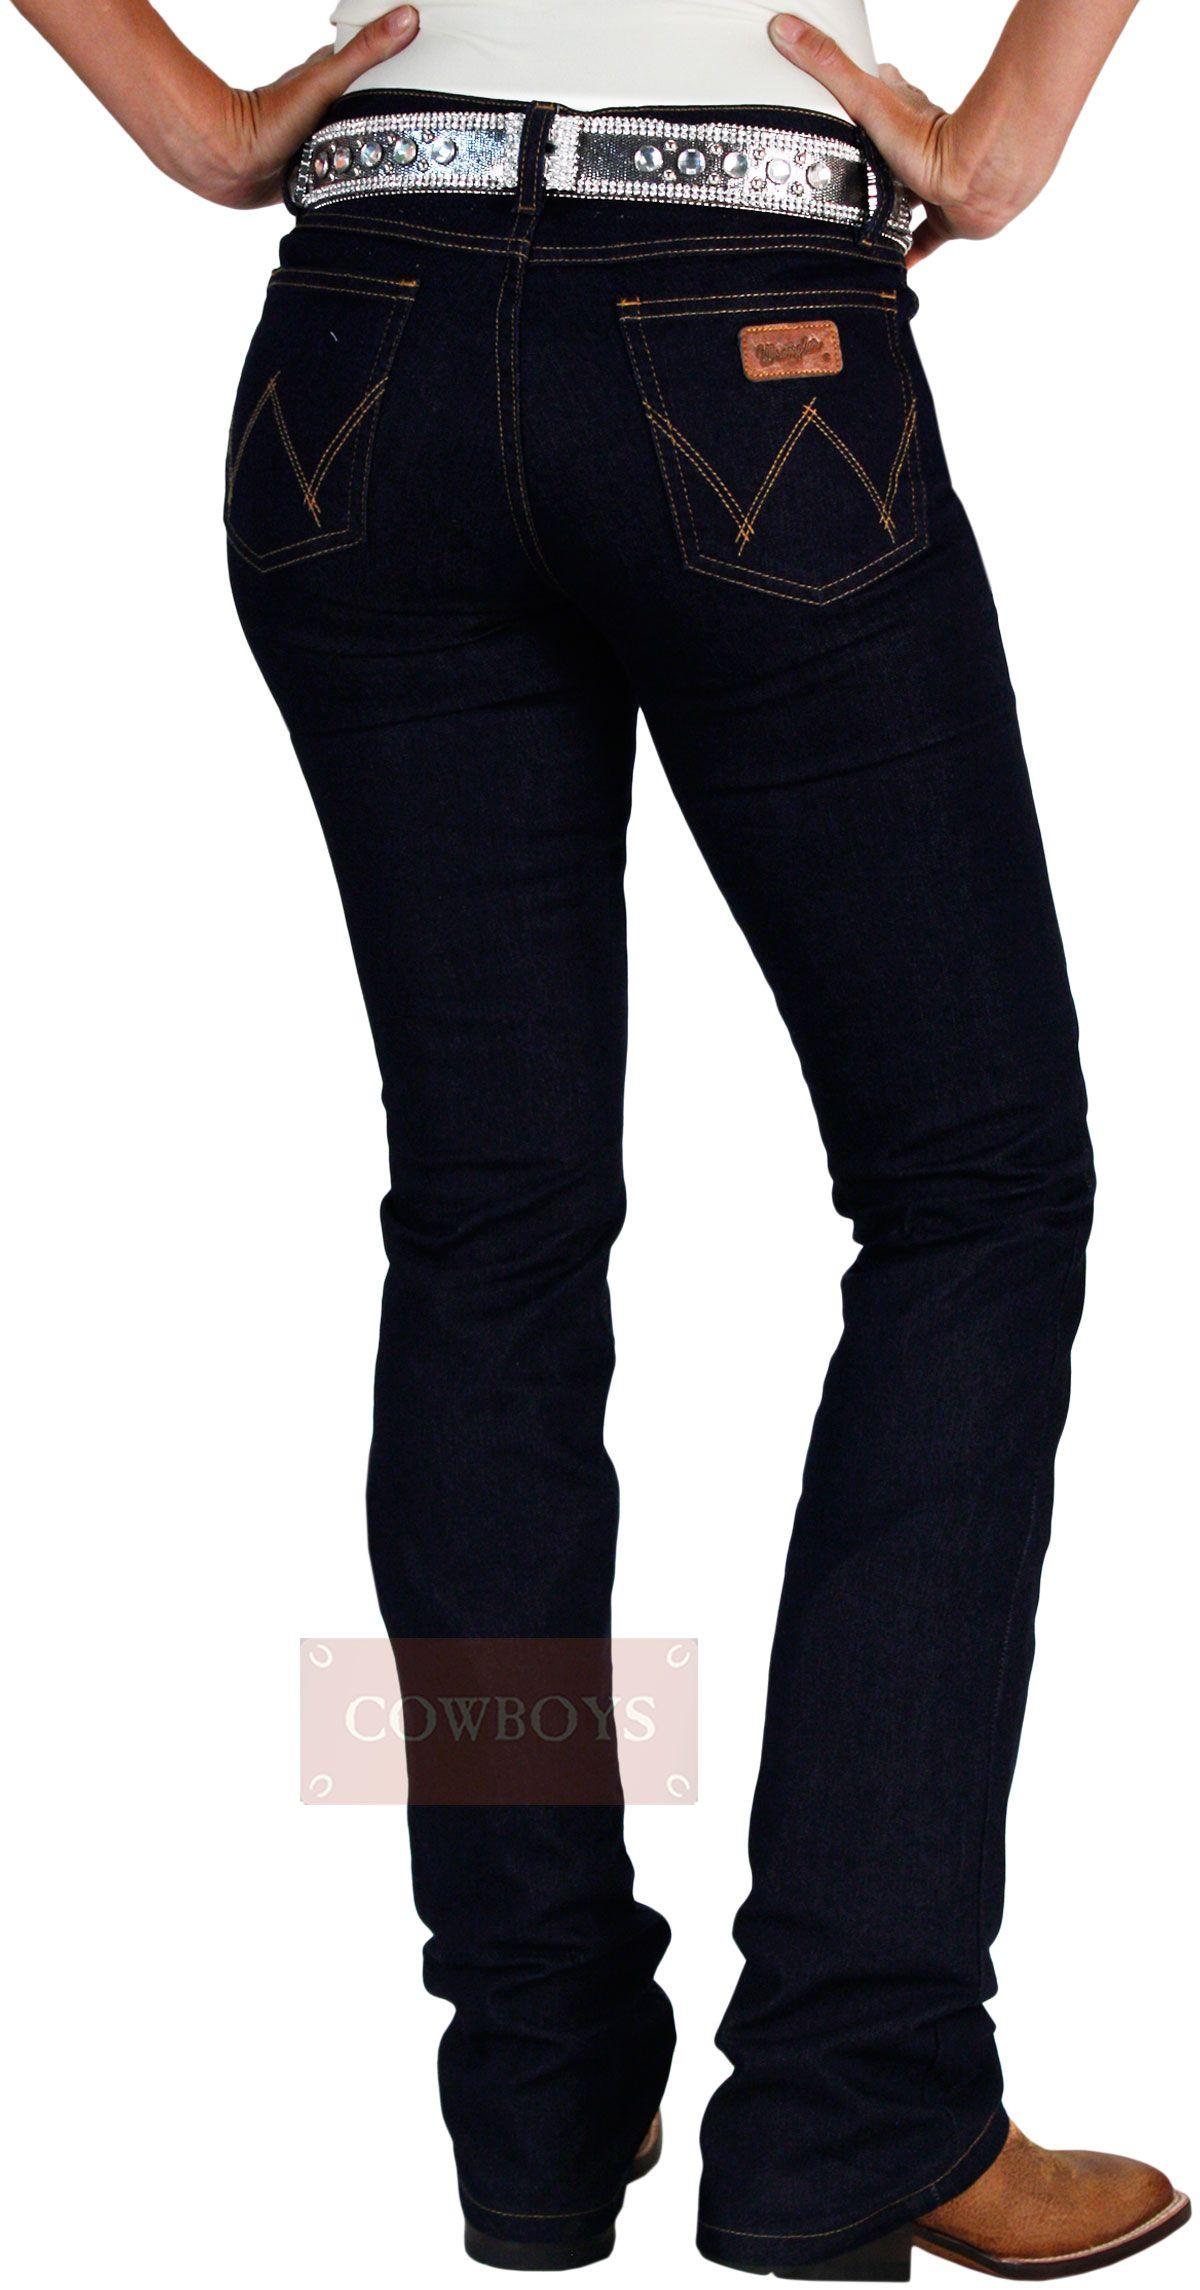 778880f84b349 Moda Country · Calça Wrangler Feminina Slim Blue Intense Stretch Pre Lavada  Cintura no lugar barra Flare Calça jeans